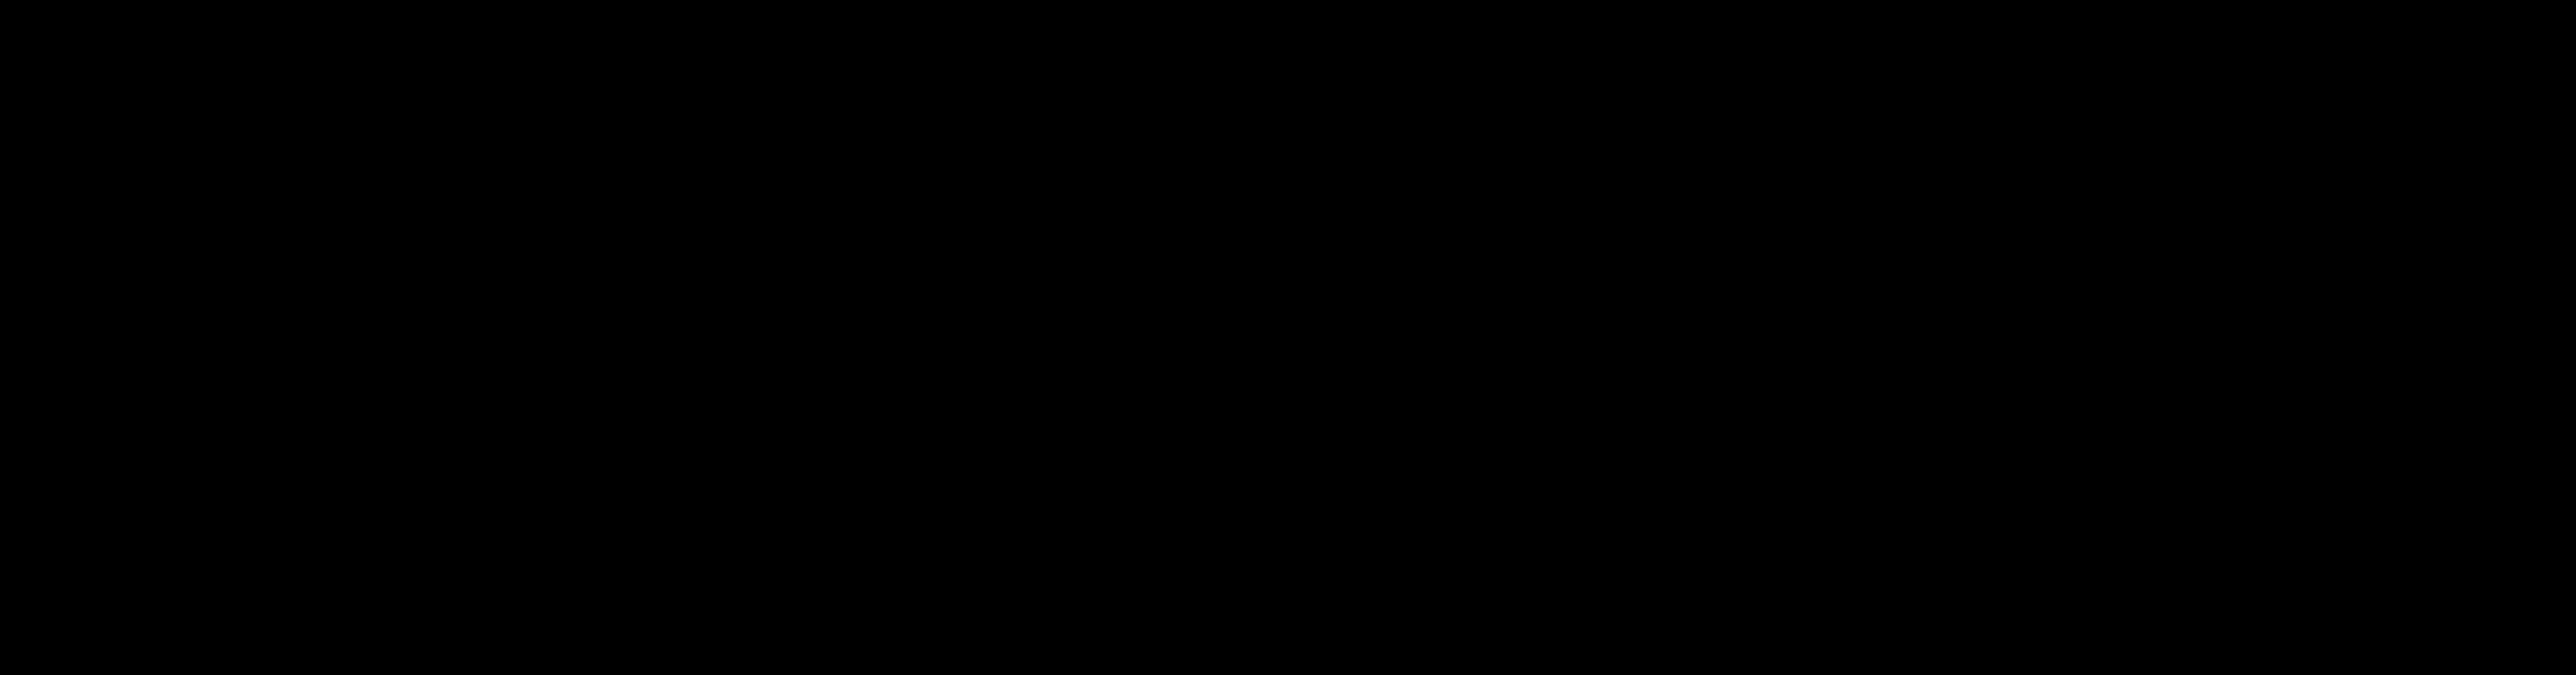 Södahl Logo